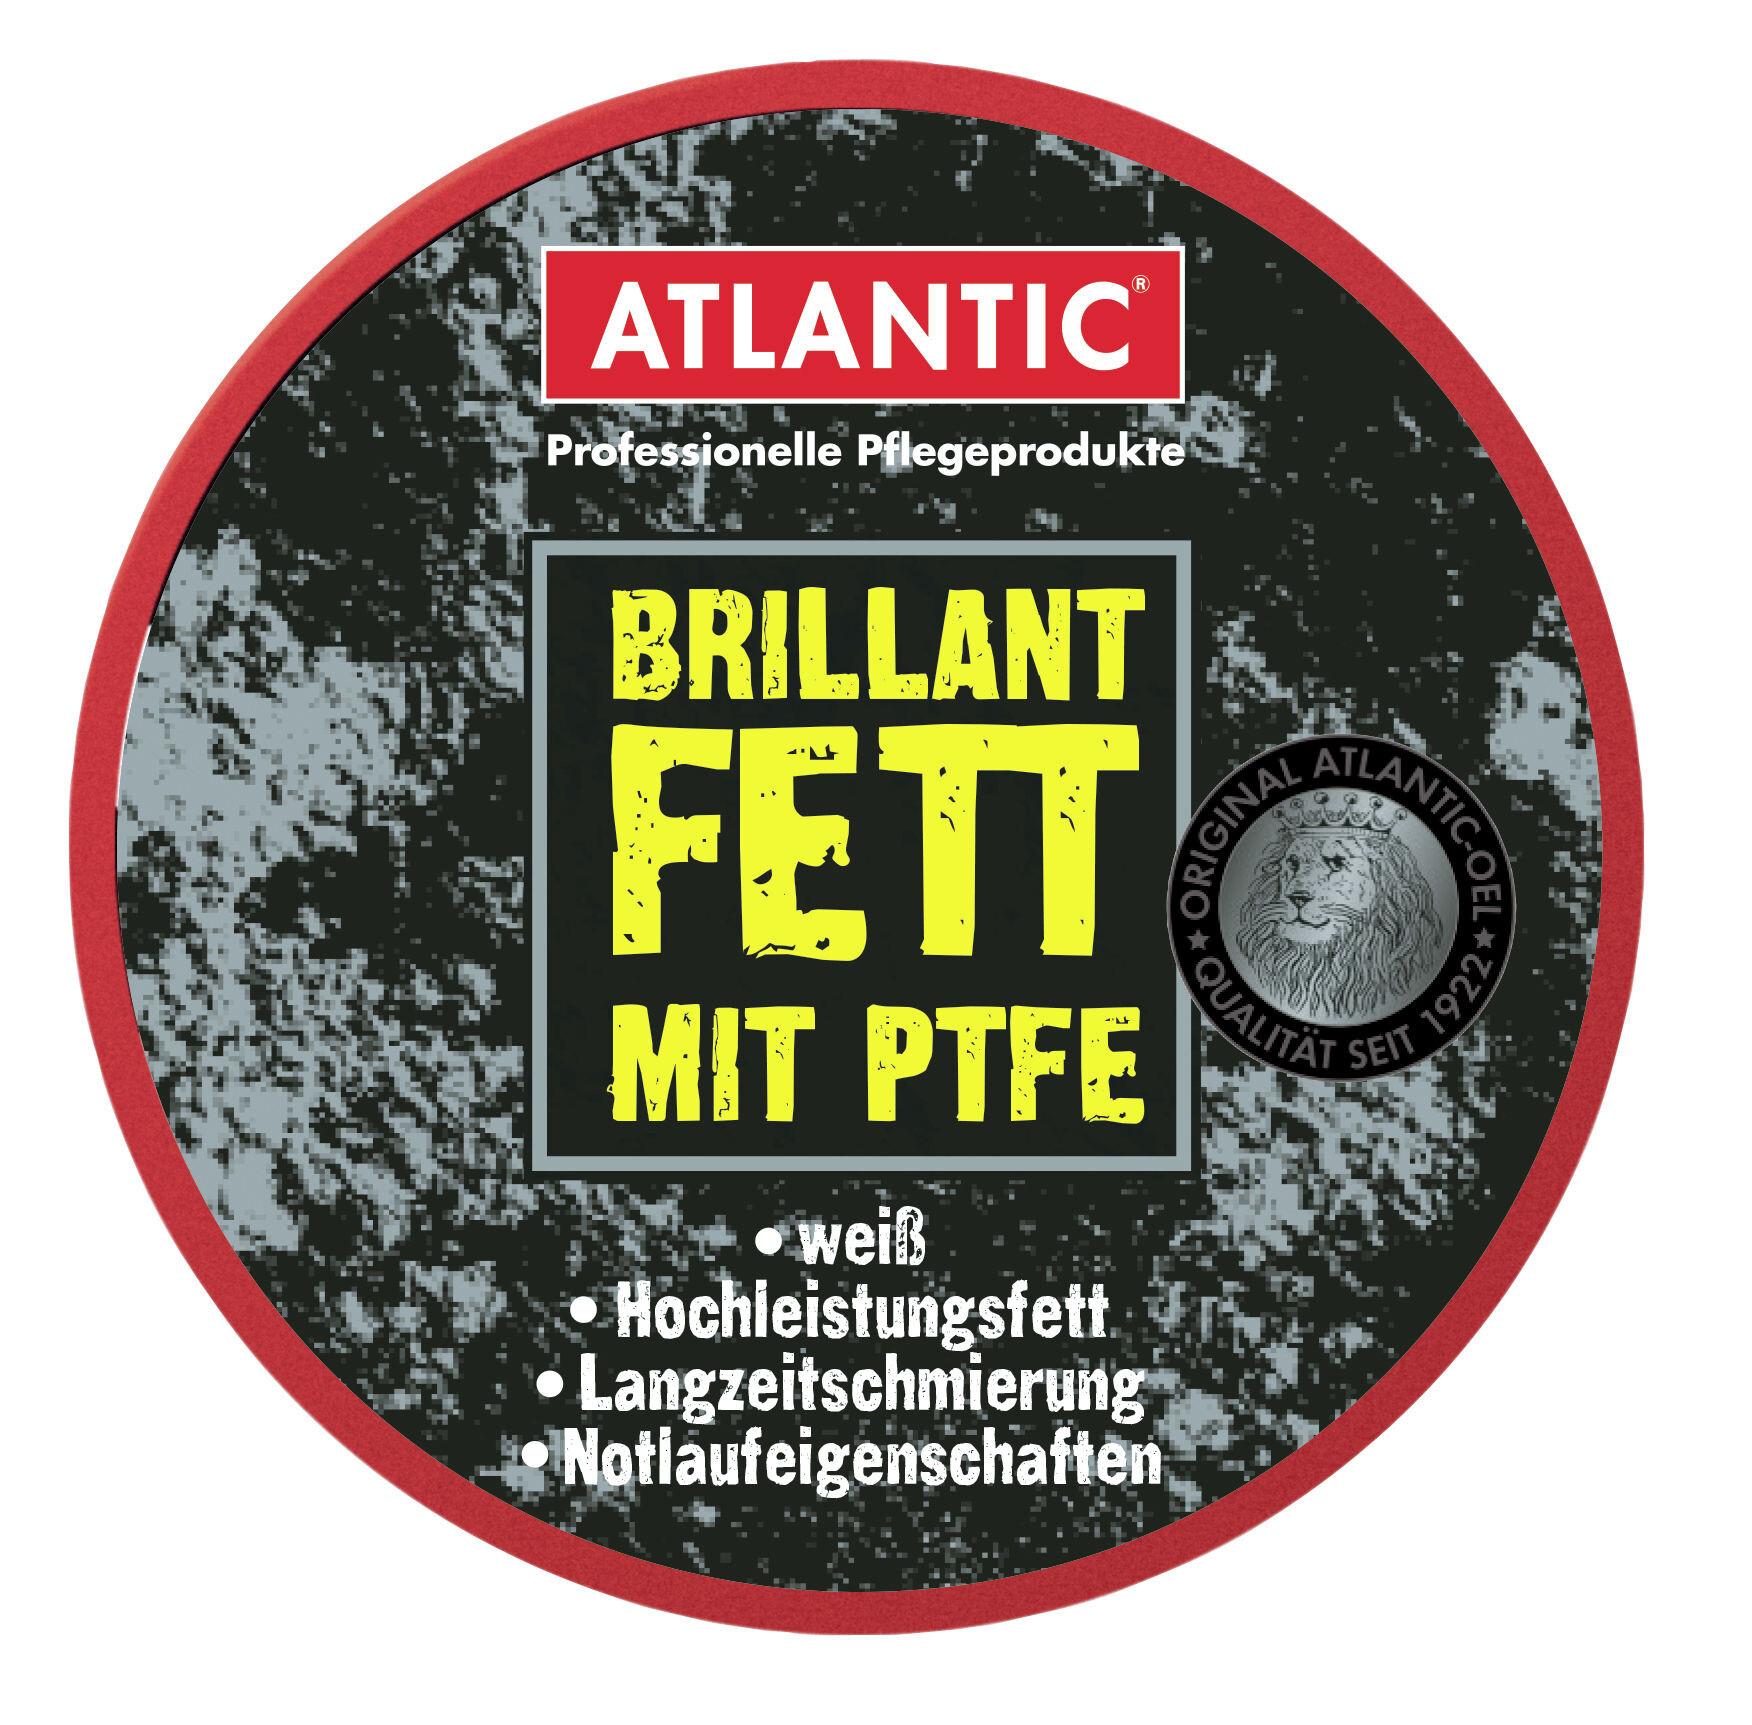 Atlantic Brilliant fedt med PTFE hvid (2019) | Fedt